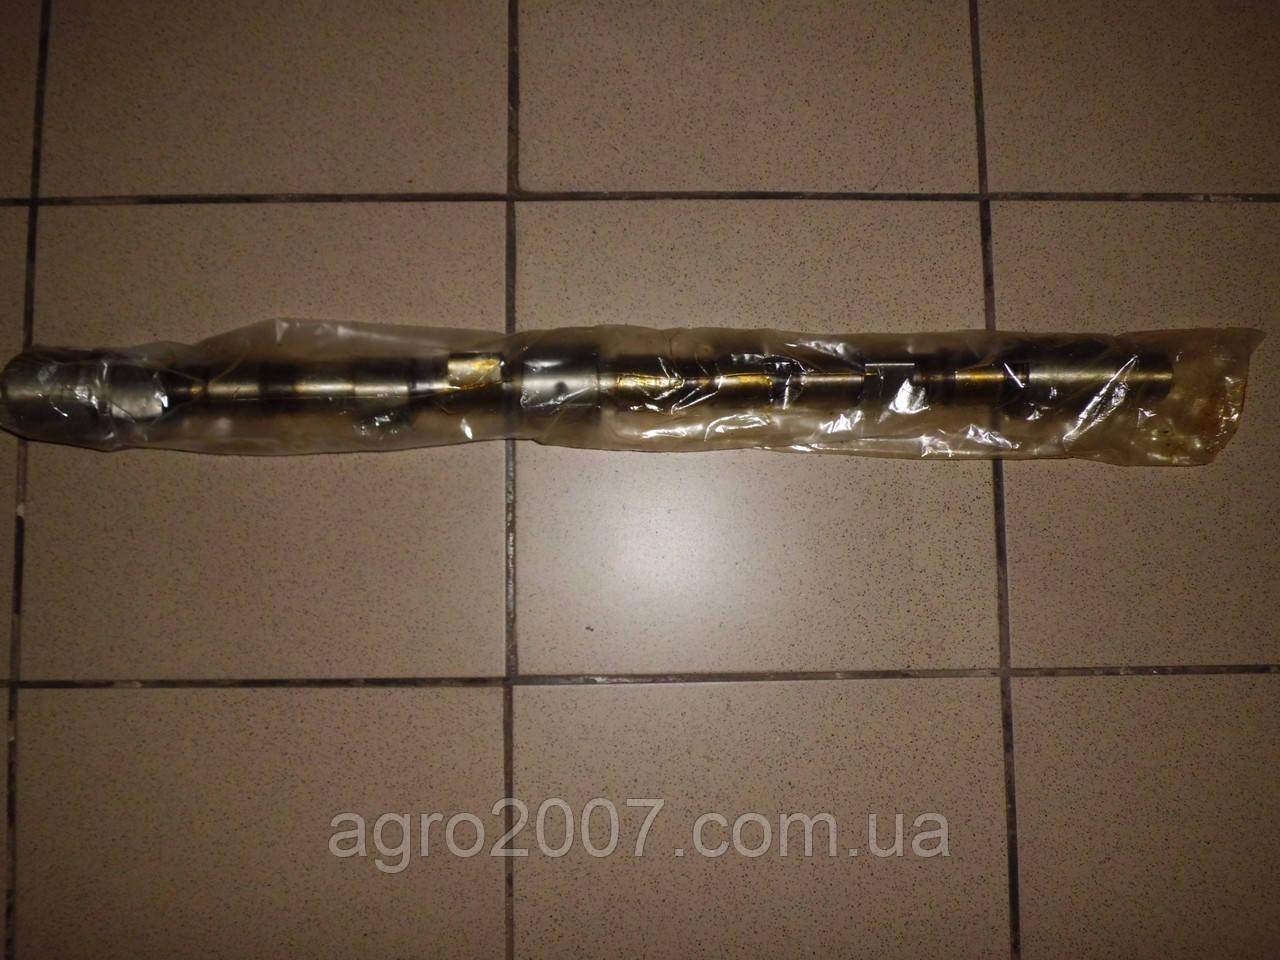 Вал распределительный ЮМЗ Д04-001